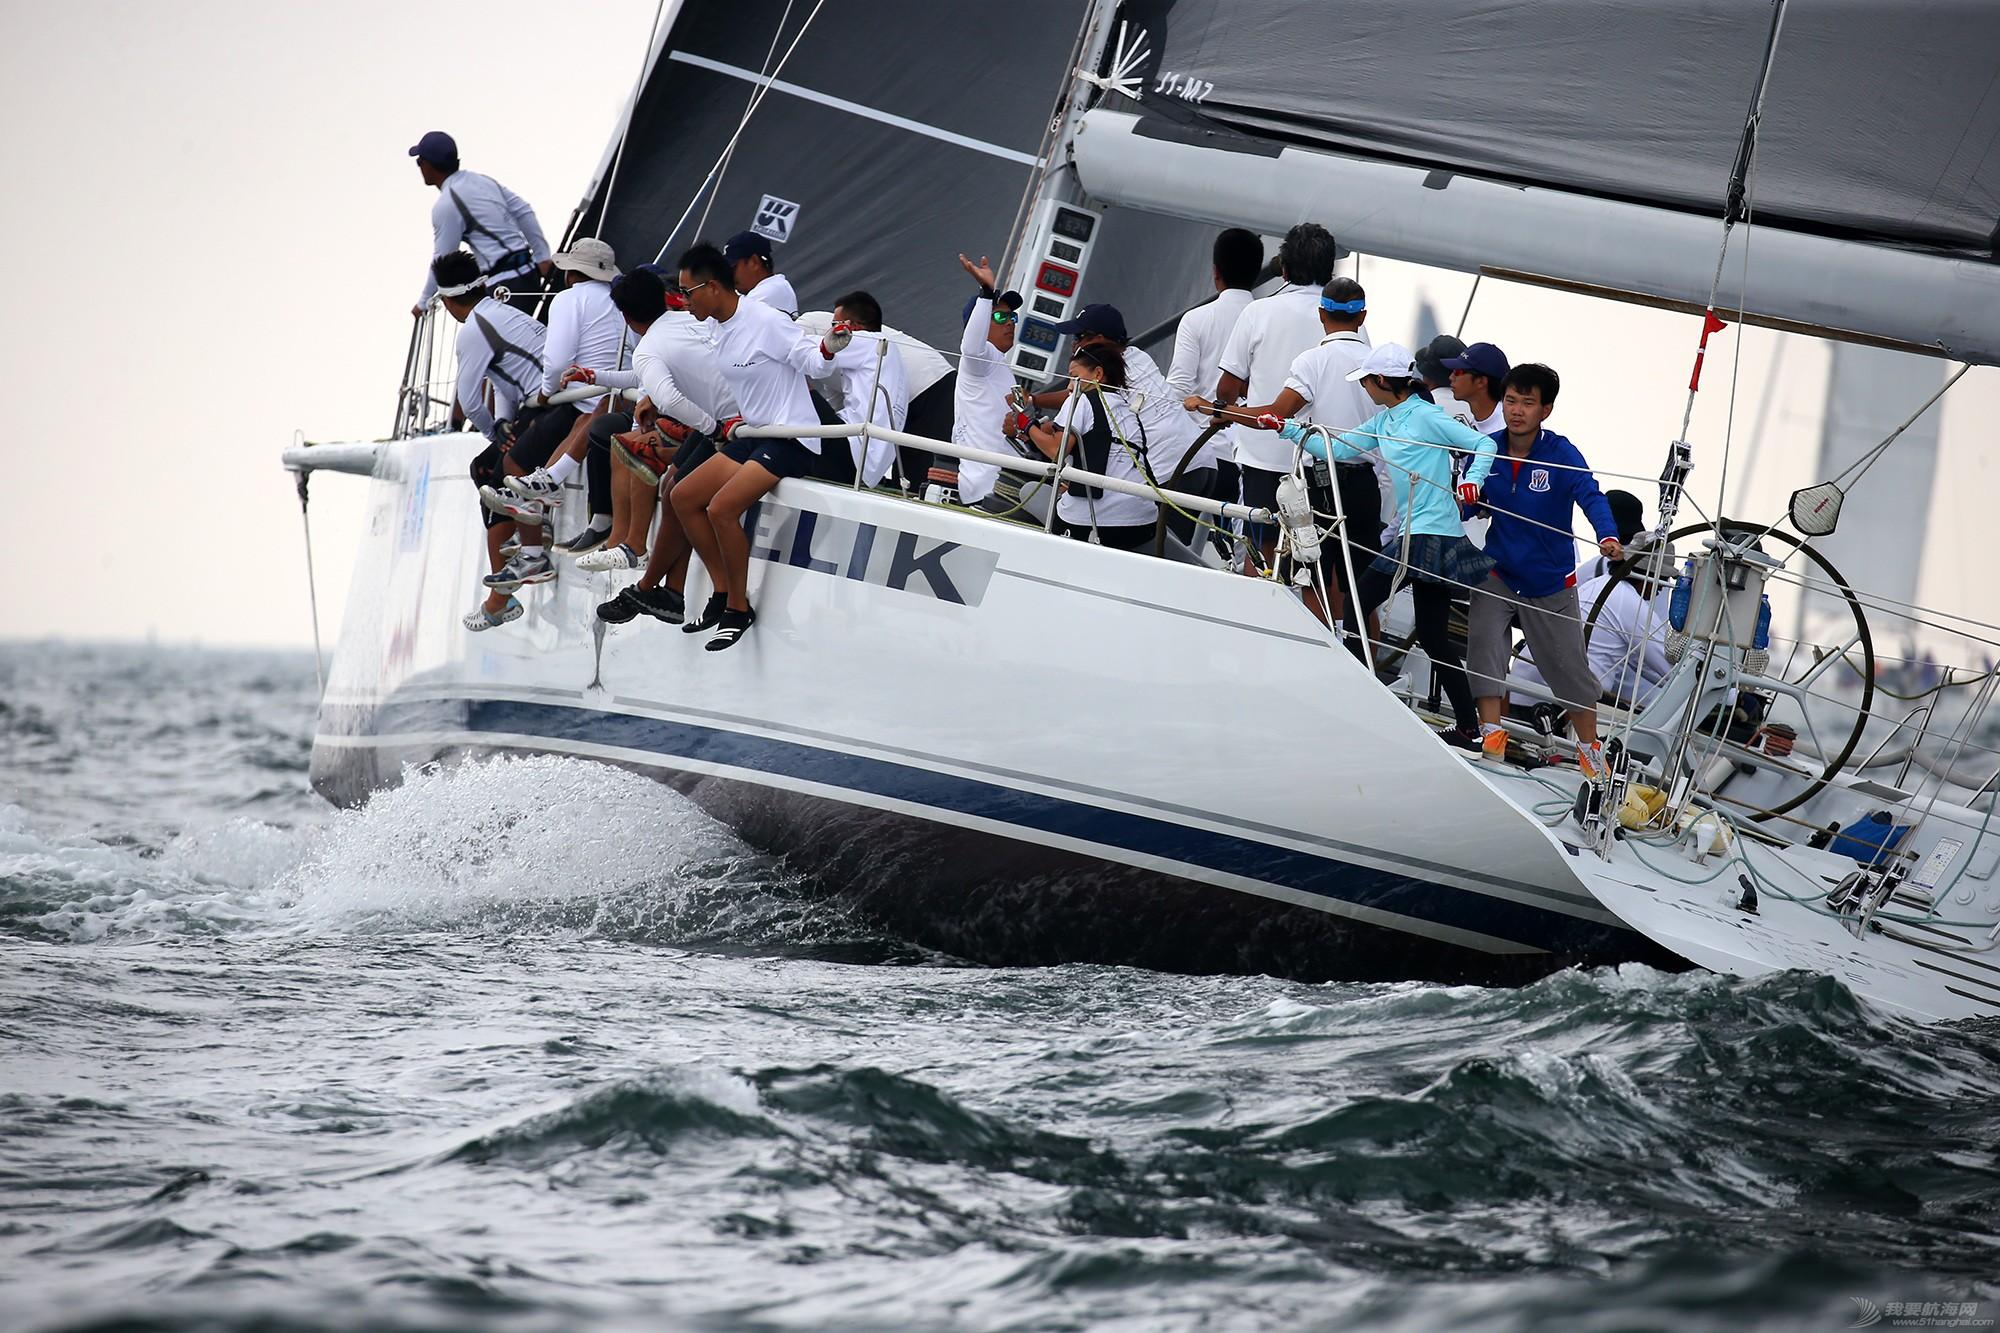 中国 中国杯帆船赛第三日——无风不起浪,雨中见刀枪 E78W6531.JPG